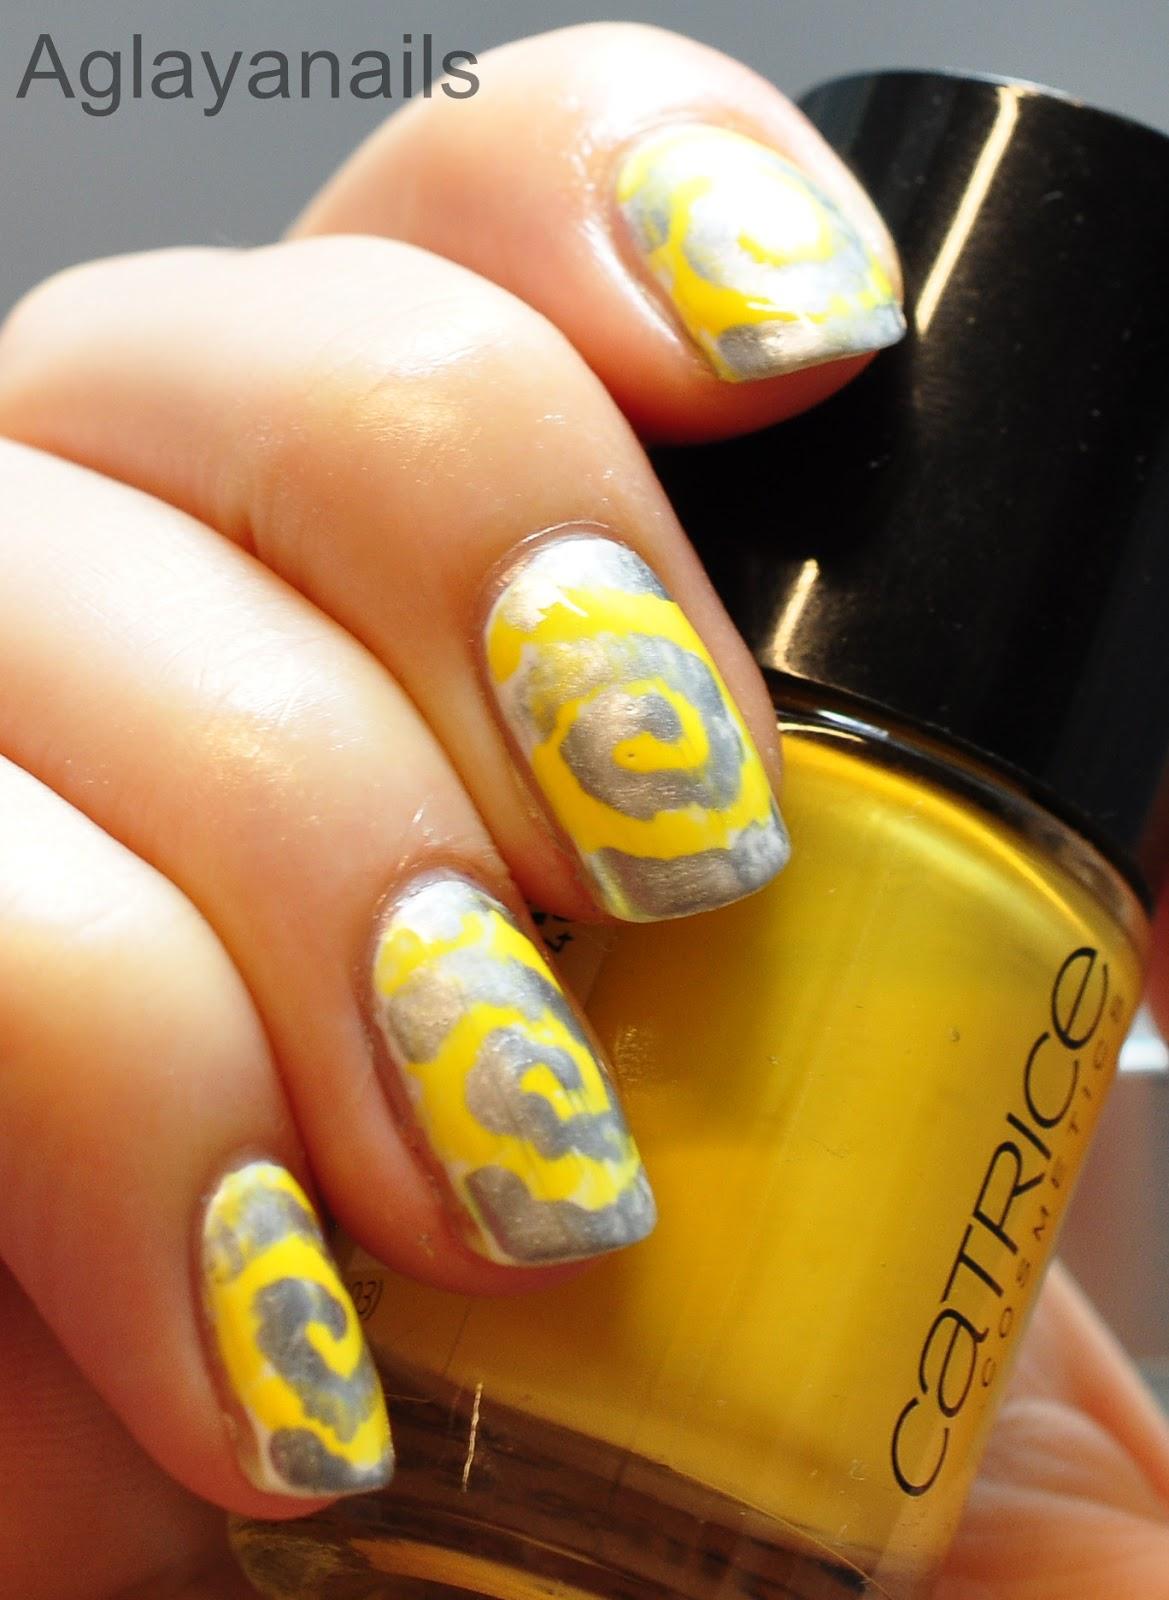 Aglayanails: 40 Great Nail Art Ideas: Yellow & Silver